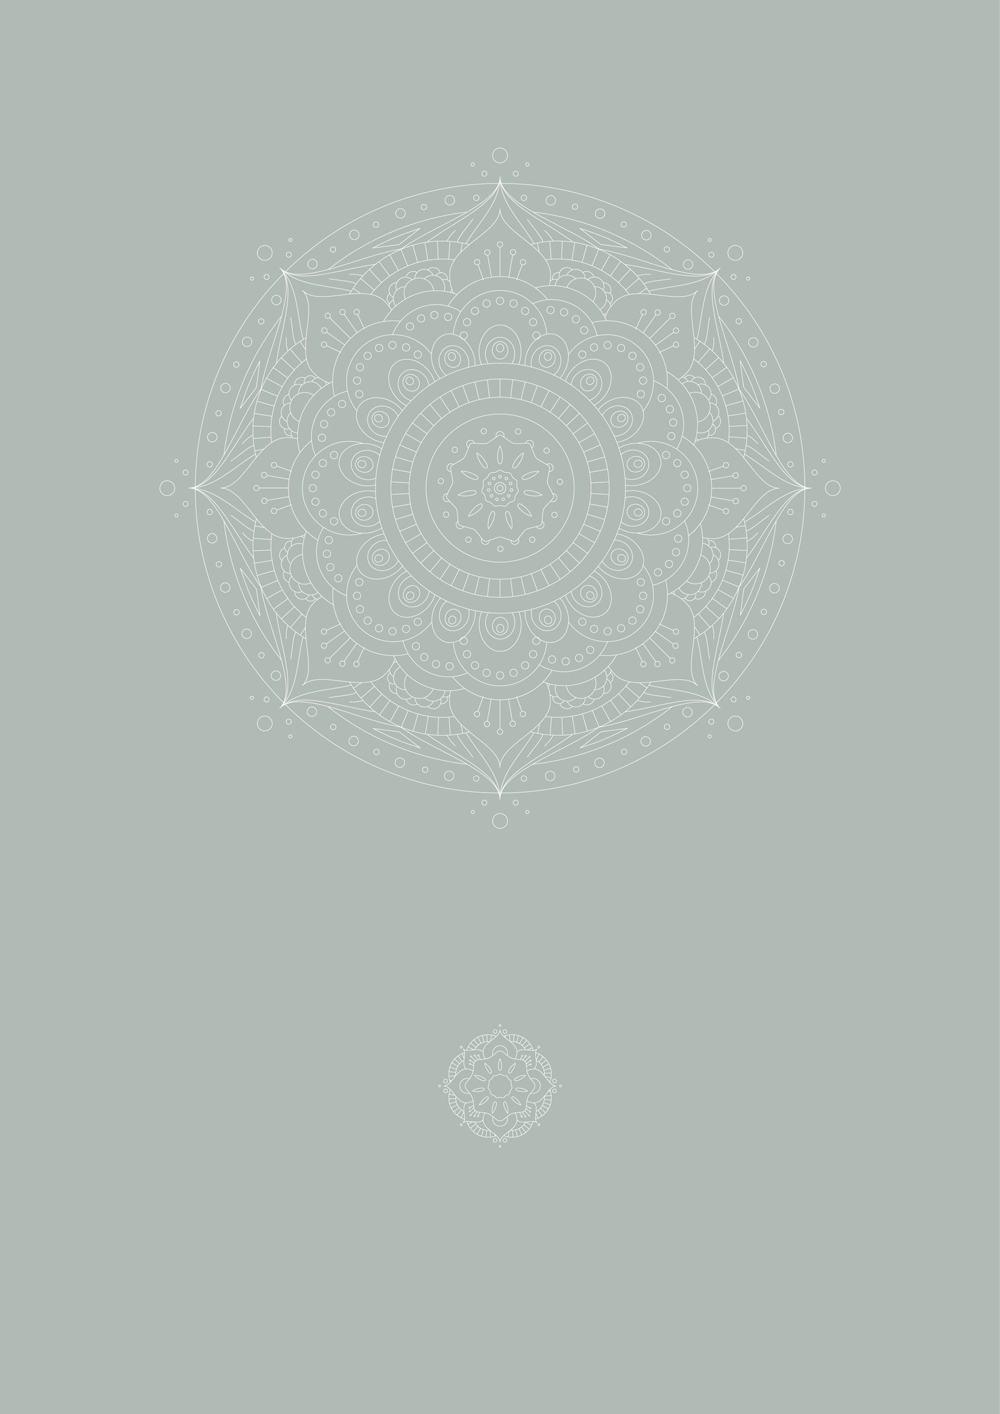 Kinlake-Ana-Herb-Branding-Design-Mandala